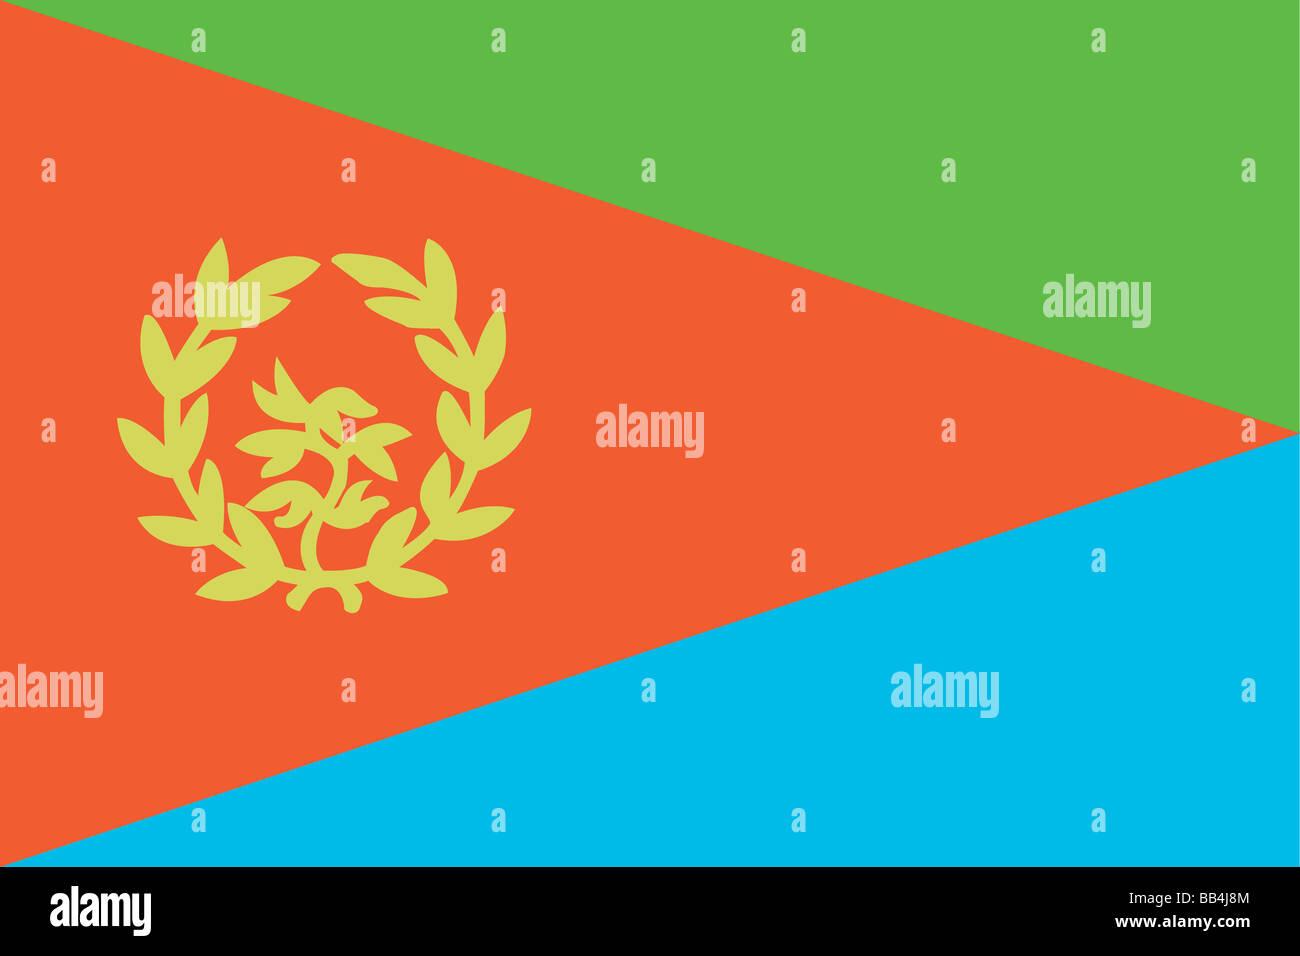 Historische Flagge von Eritrea, ein Land am Horn von Afrika, von 1993 bis 1995. Stockbild